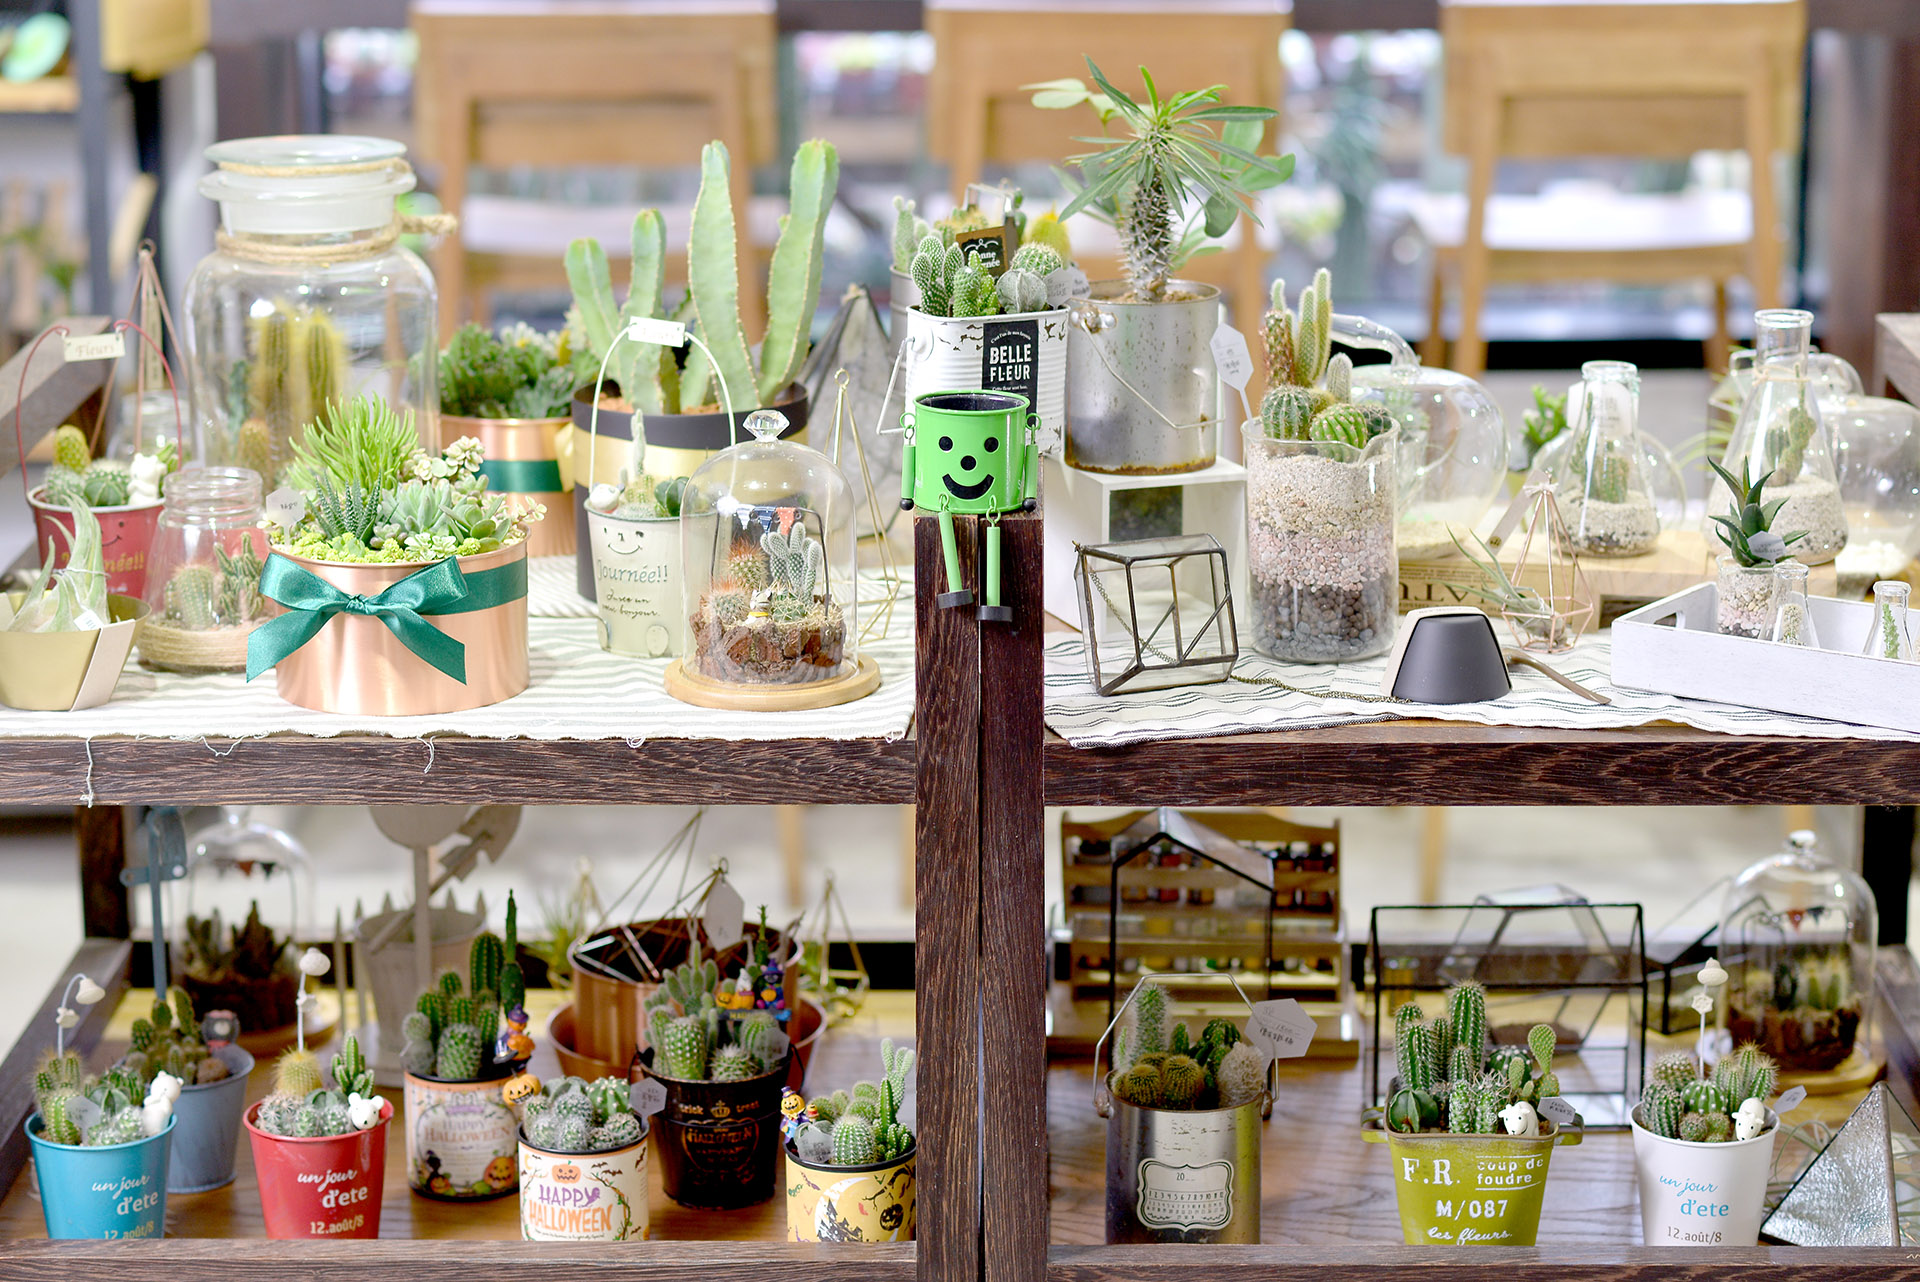 有肉週年慶店內多肉植物盆栽與設計師商品陳設_web1113